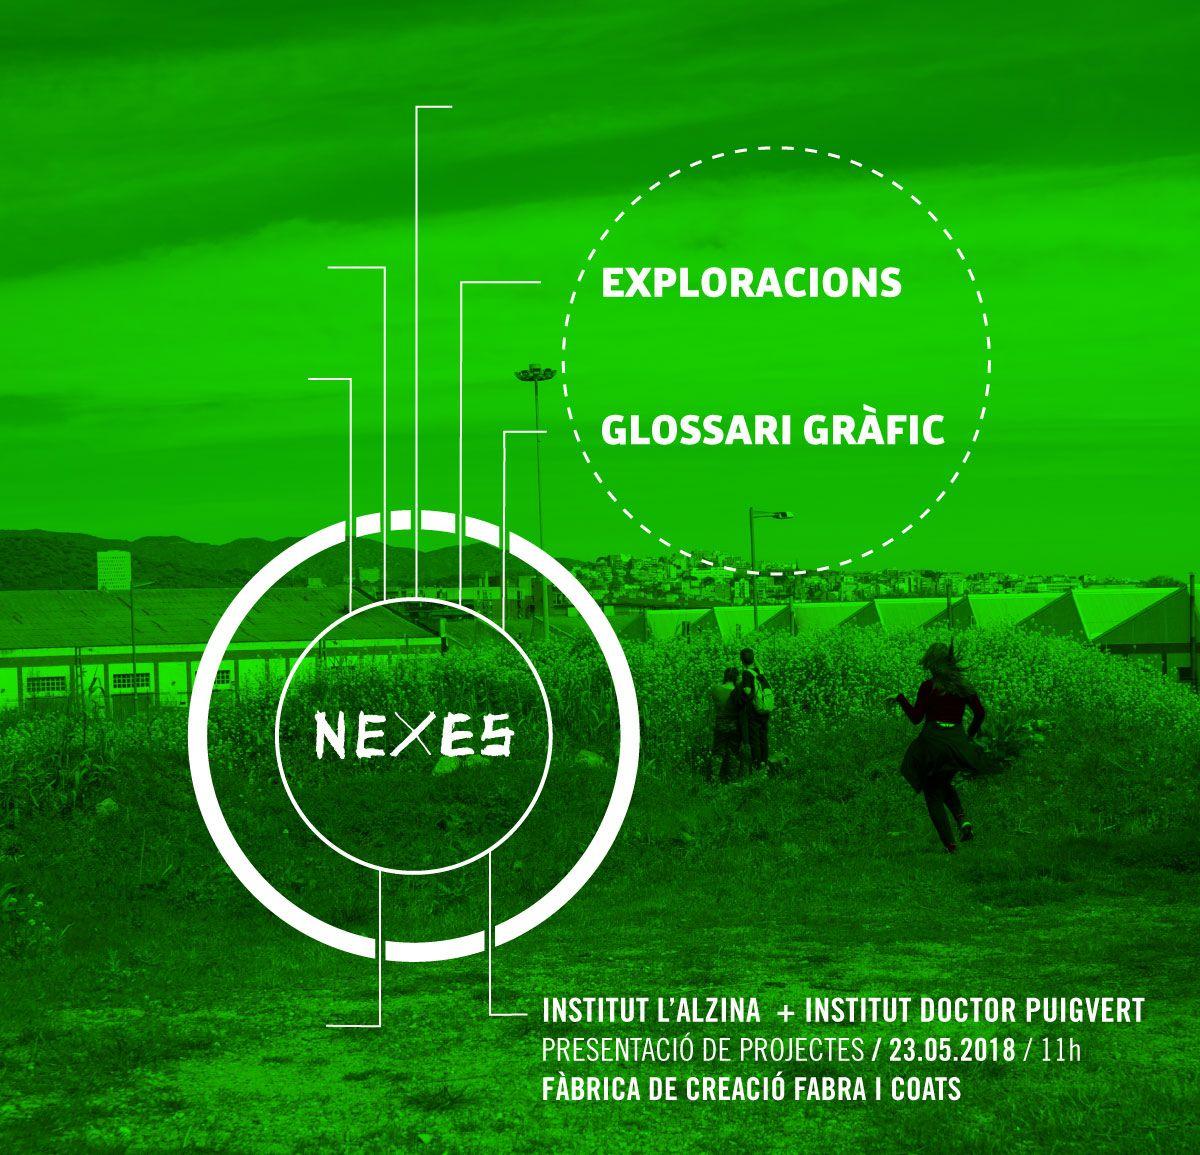 NEXES EXPLORACIONS 00